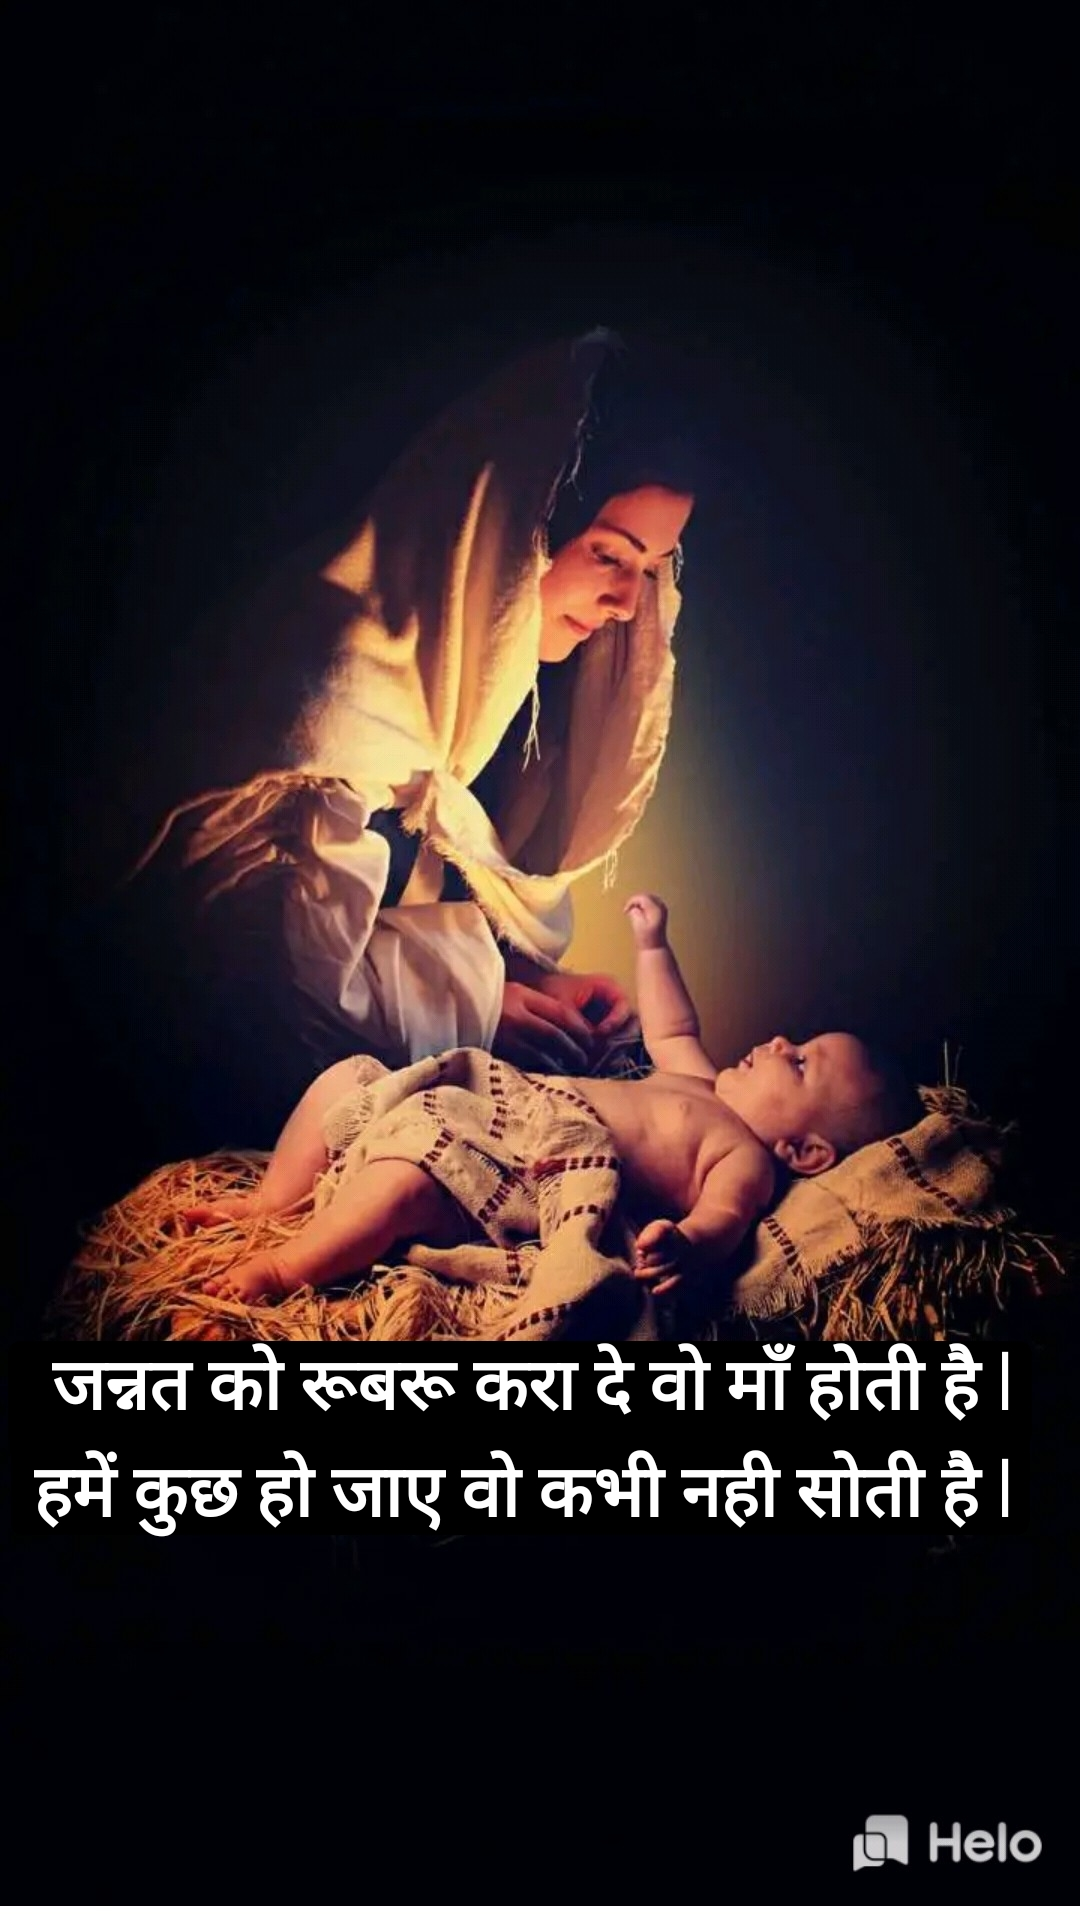 जन्नत को रूबरू करा दे वो माँ होती है l हमें कुछ हो जाए वो कभी नही सोती है l